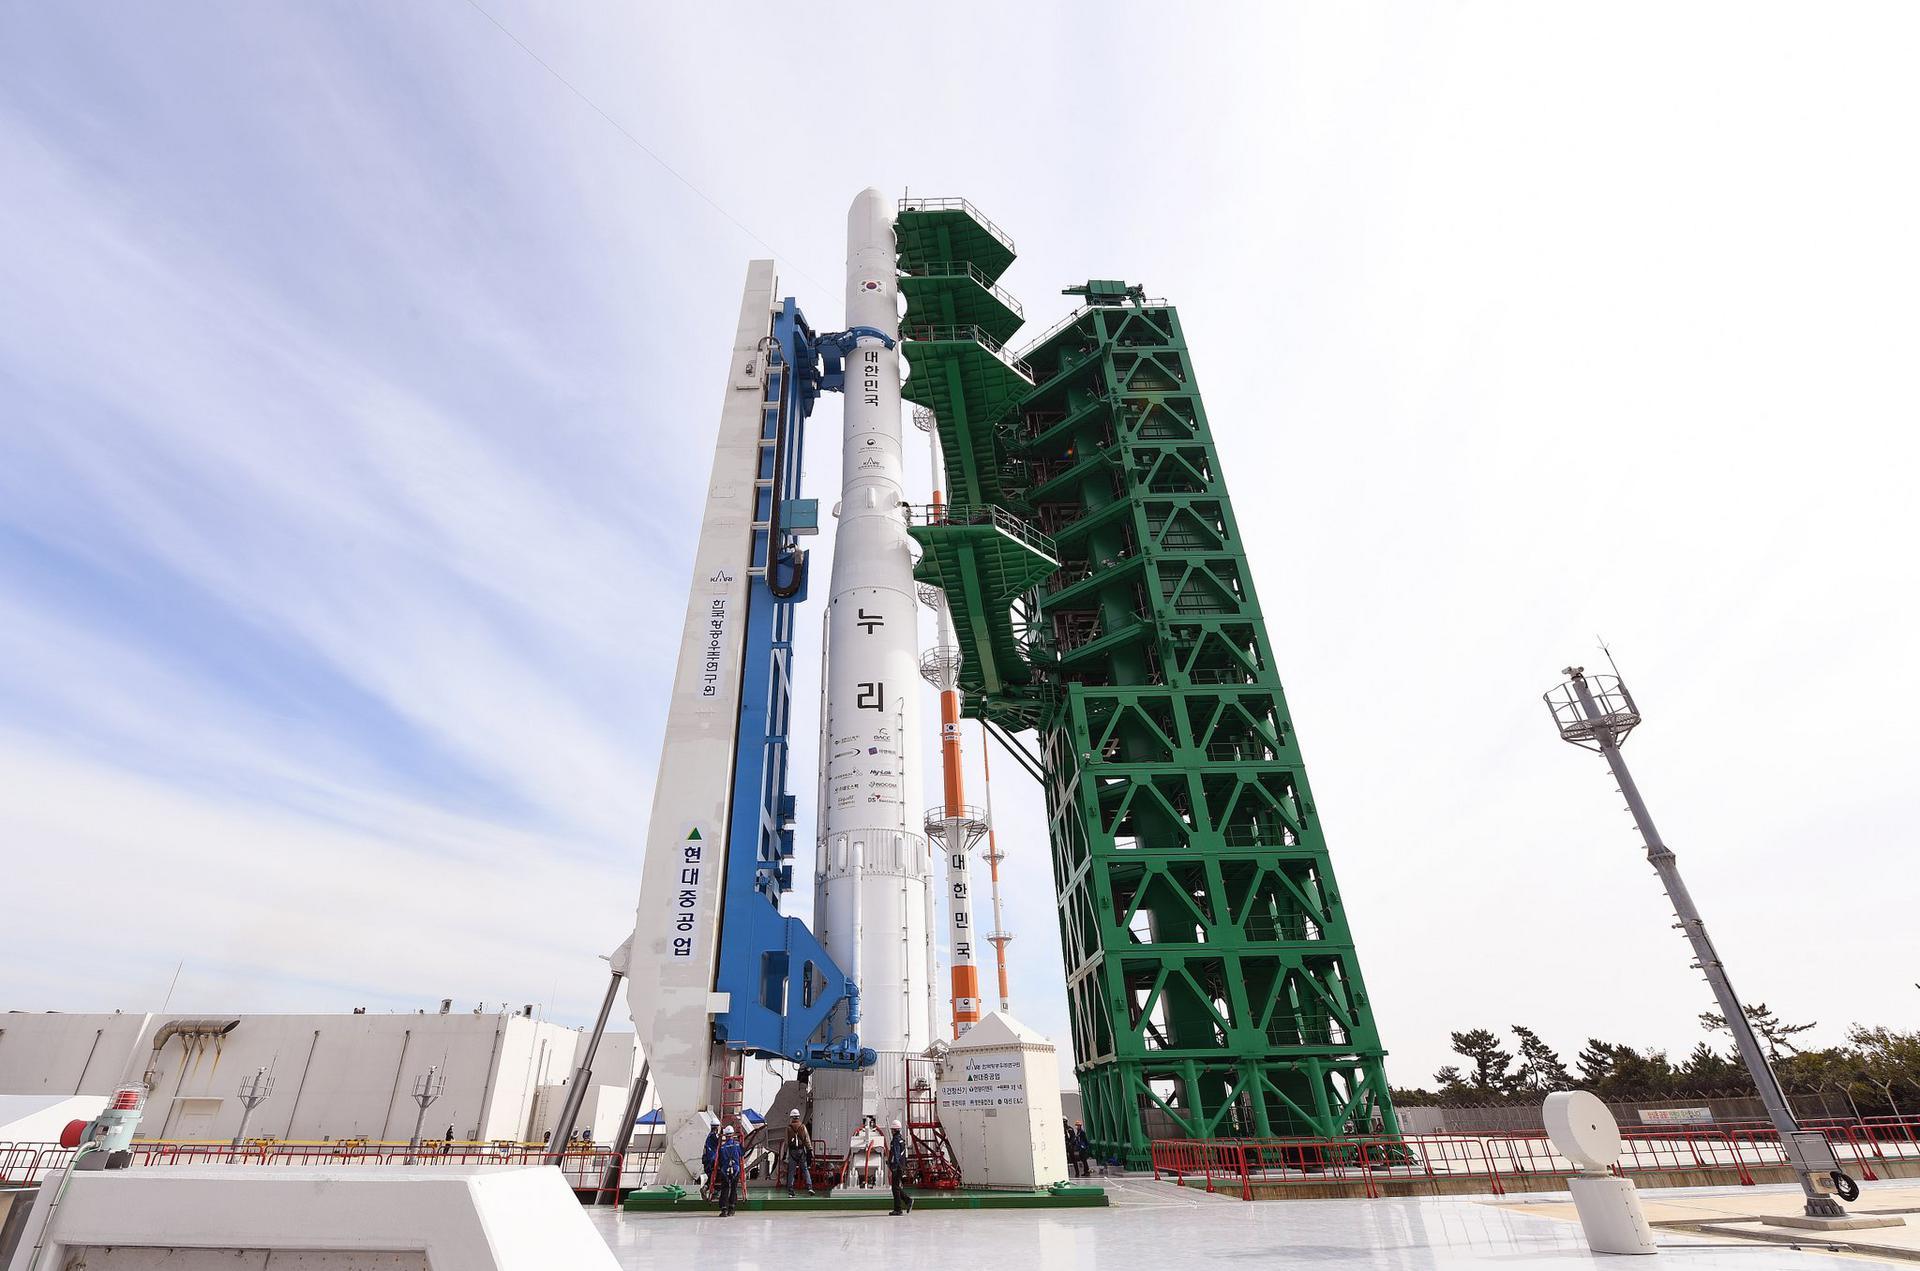 Південнокорейська ракета не змогла вивести вантаж на орбіту